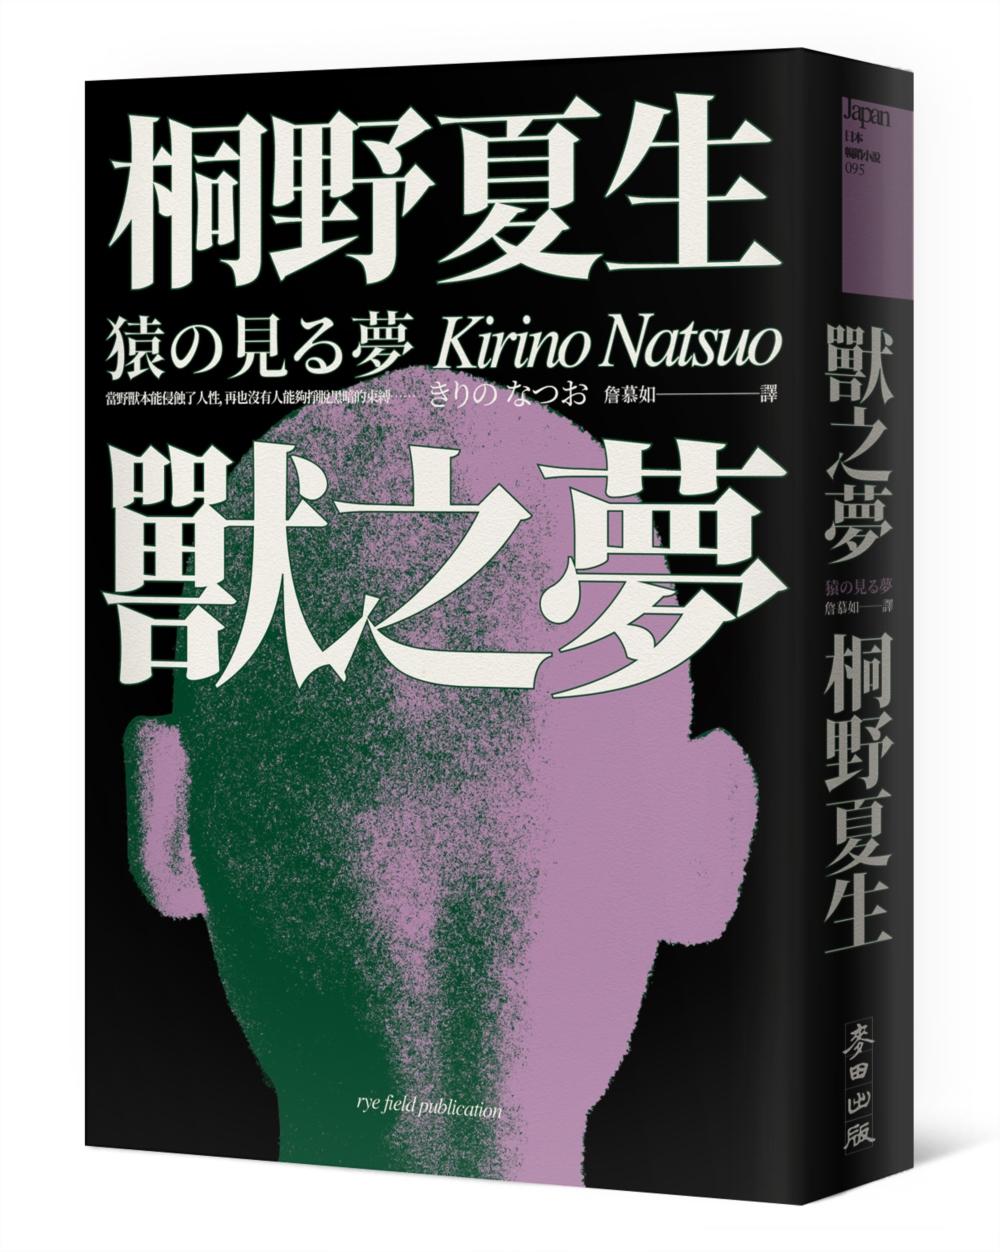 獸之夢(日本平成代表作《OUT》社會派黑暗天后透視欲望傑作)